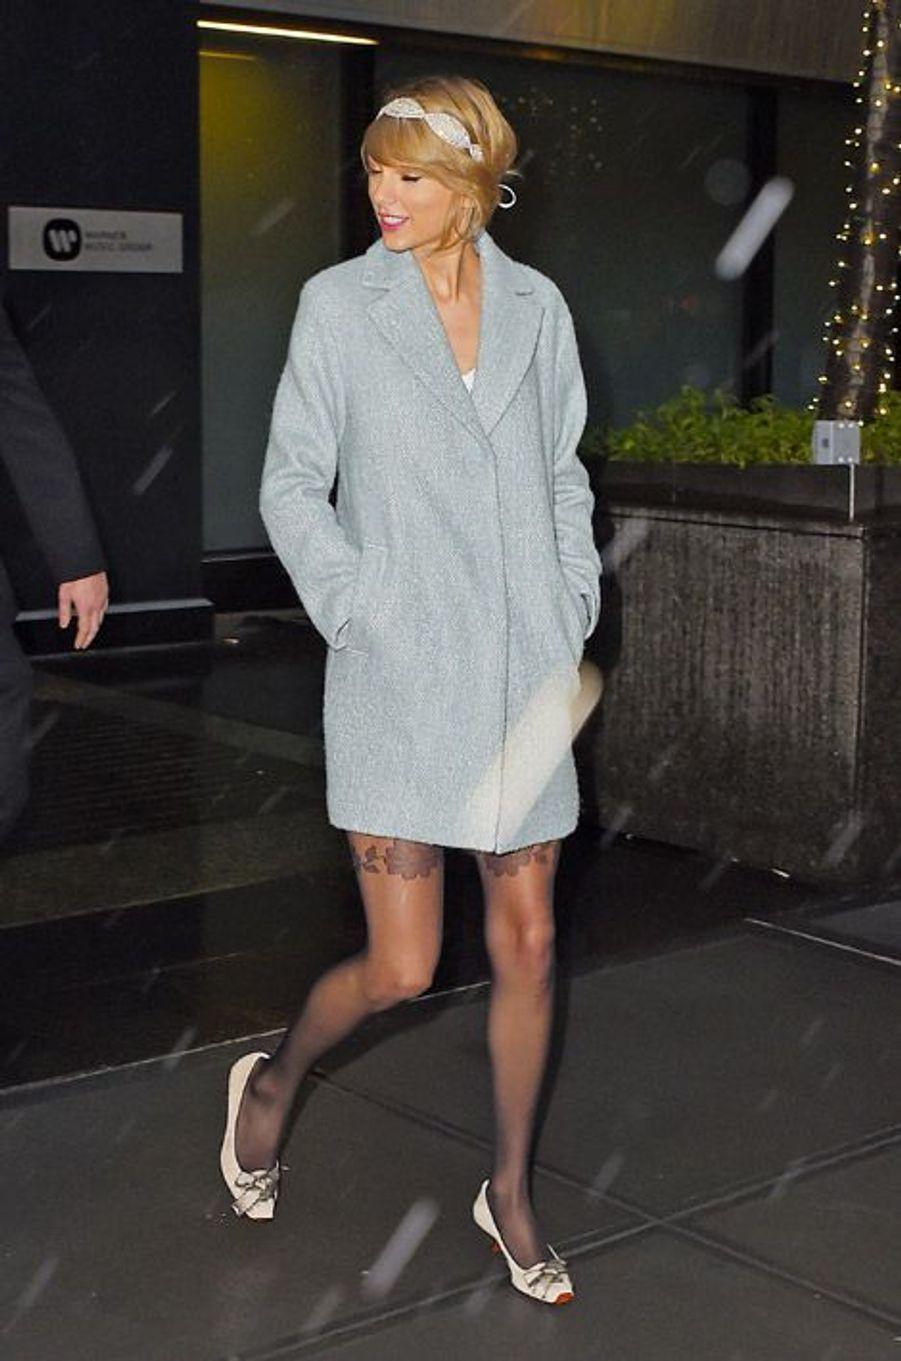 La chanteuse Taylor Swift après une sortie au théâtre en famille, le 24 décembre 2014 à New York